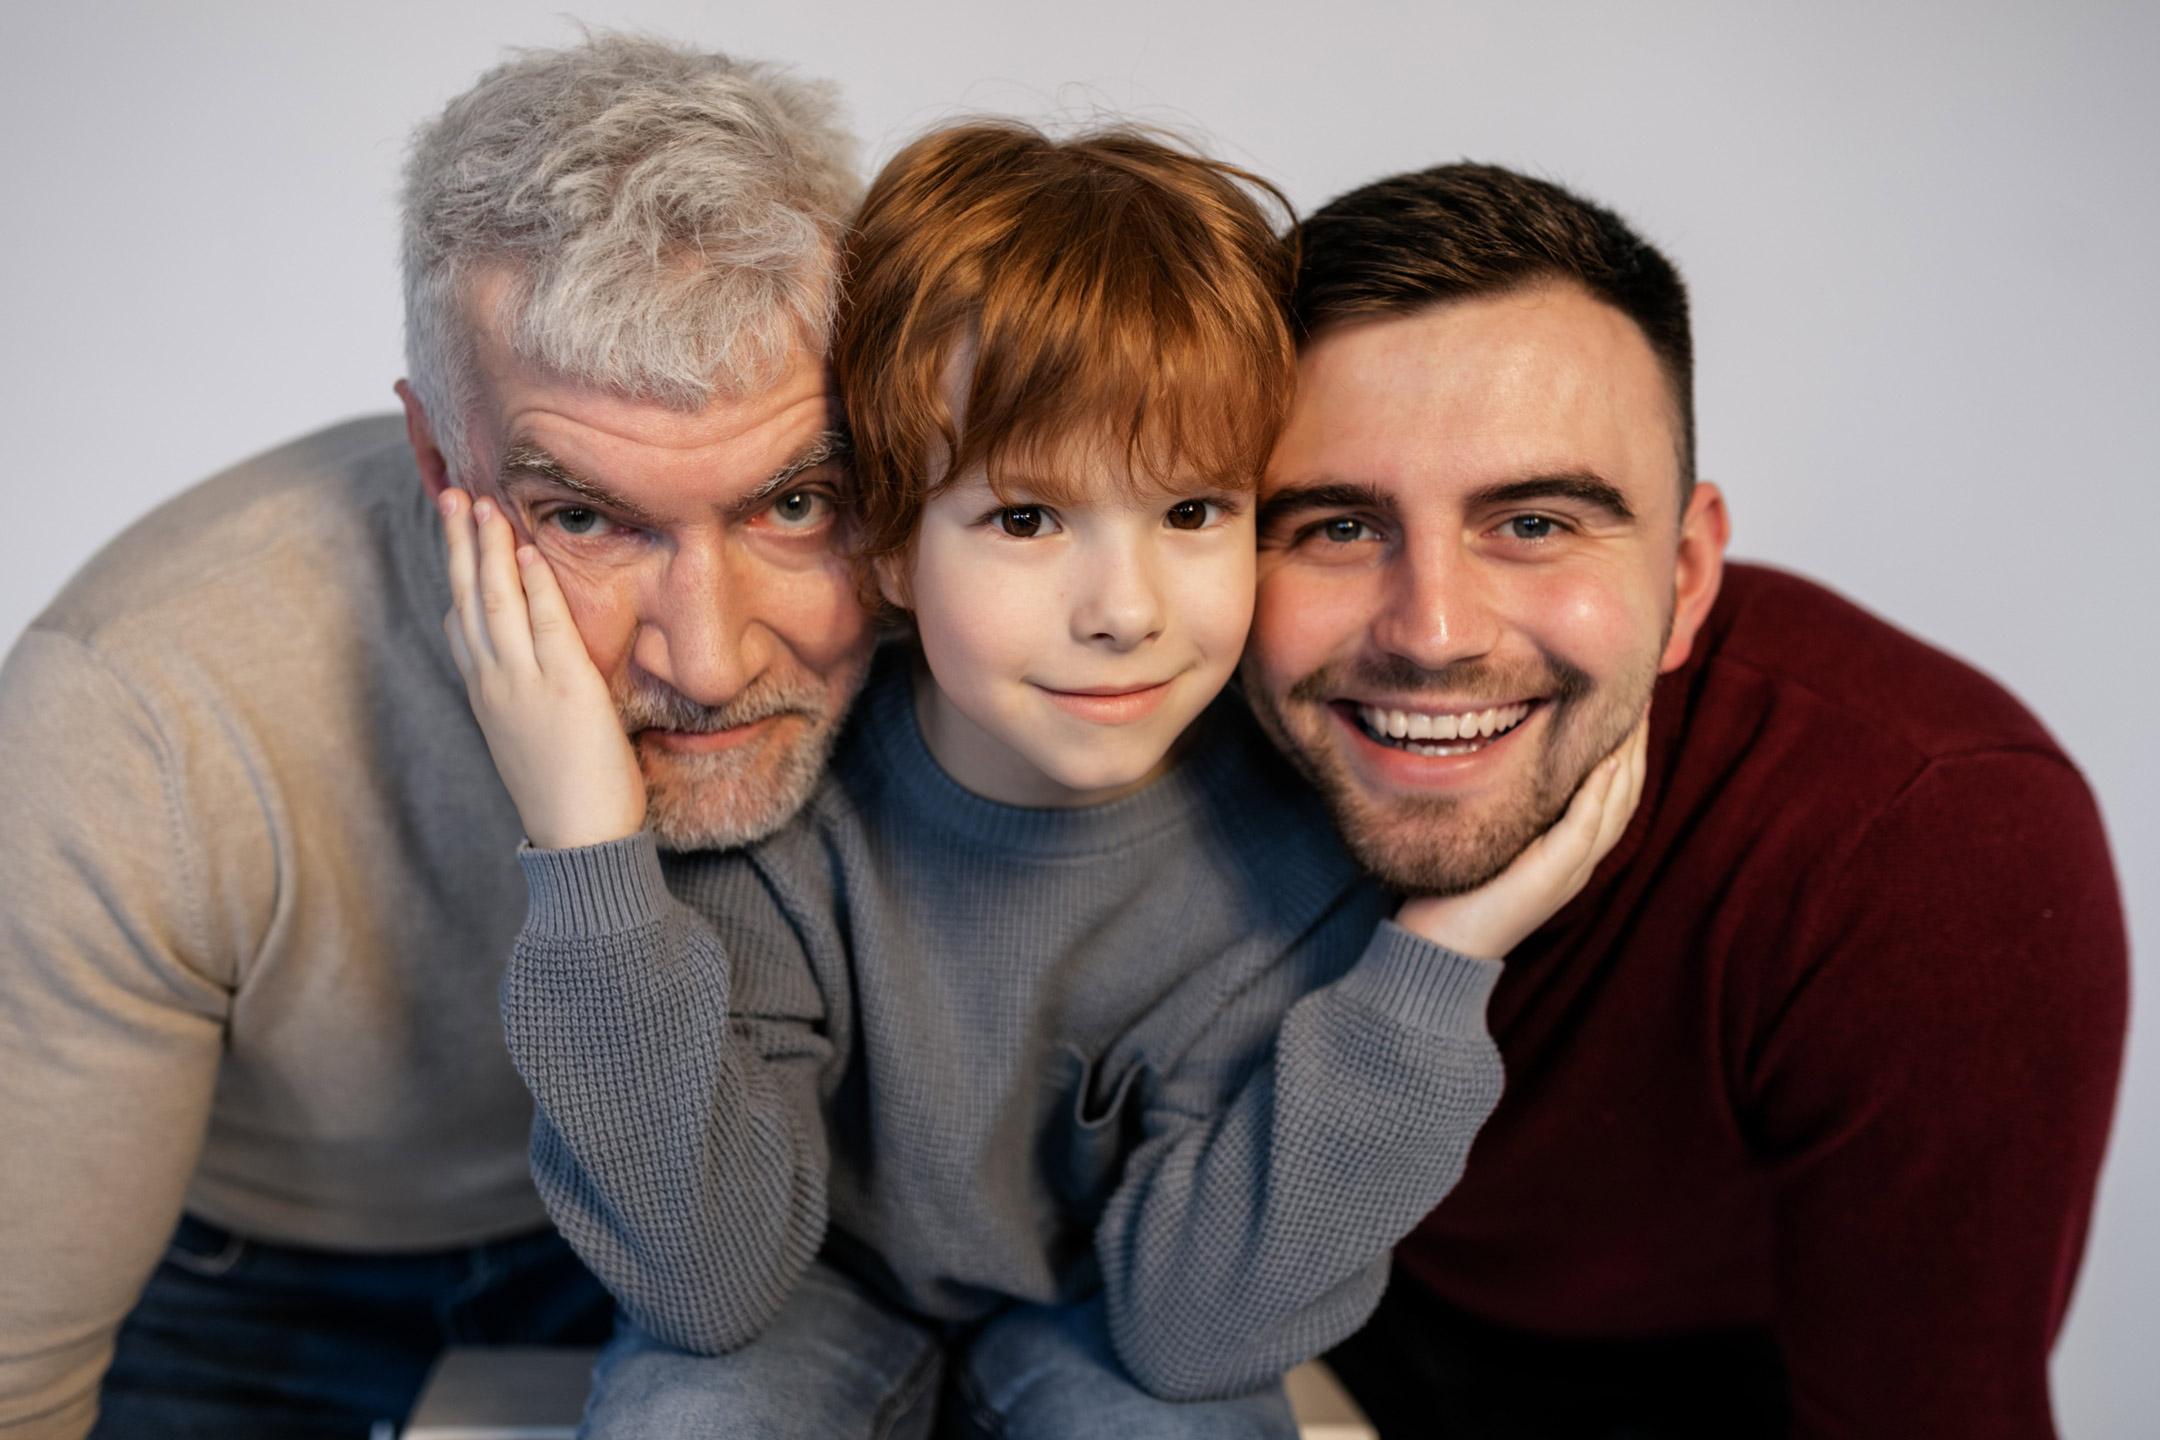 grandad-dad-with-son